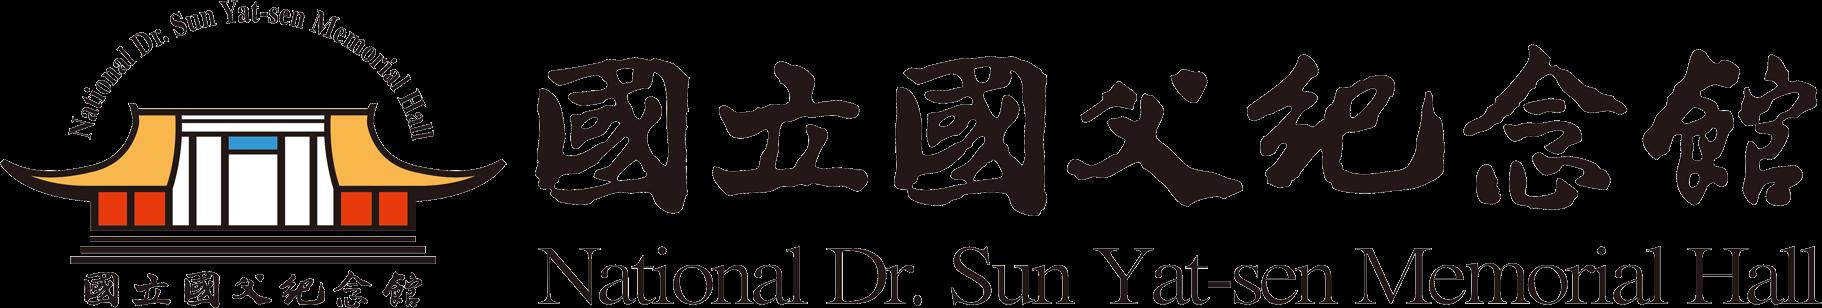 國立國父紀念館logo